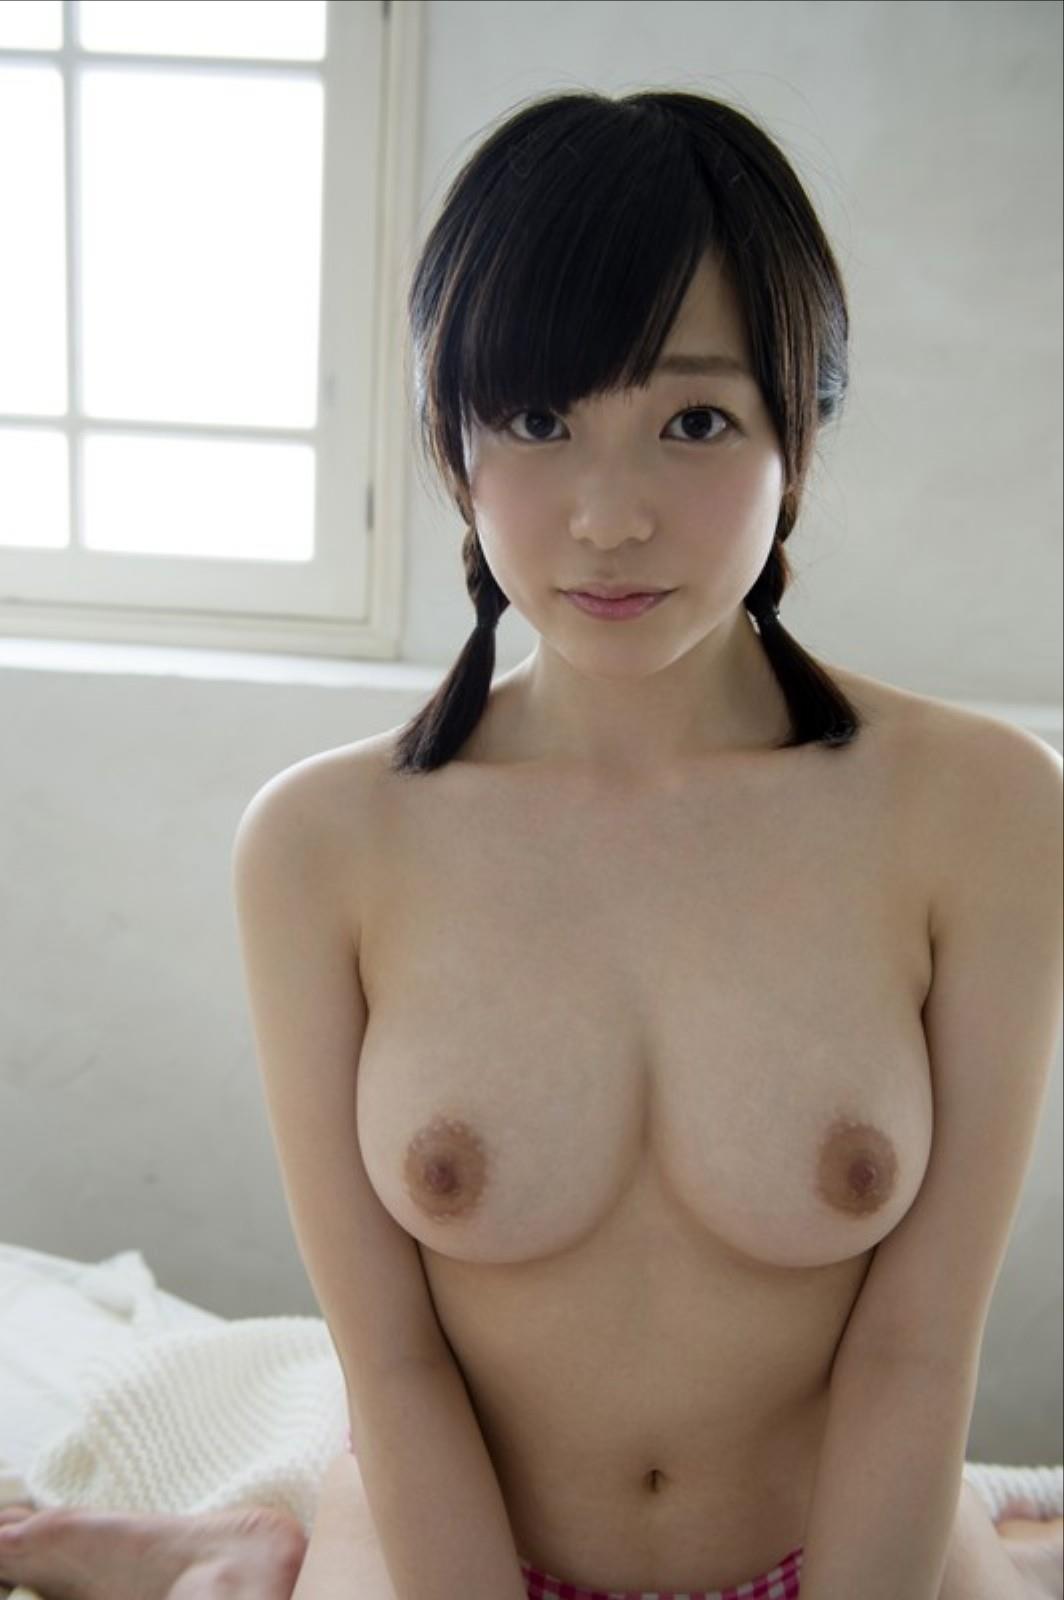 麻宮まどか 天然巨乳の田舎娘が悶え喘ぐセックス画像